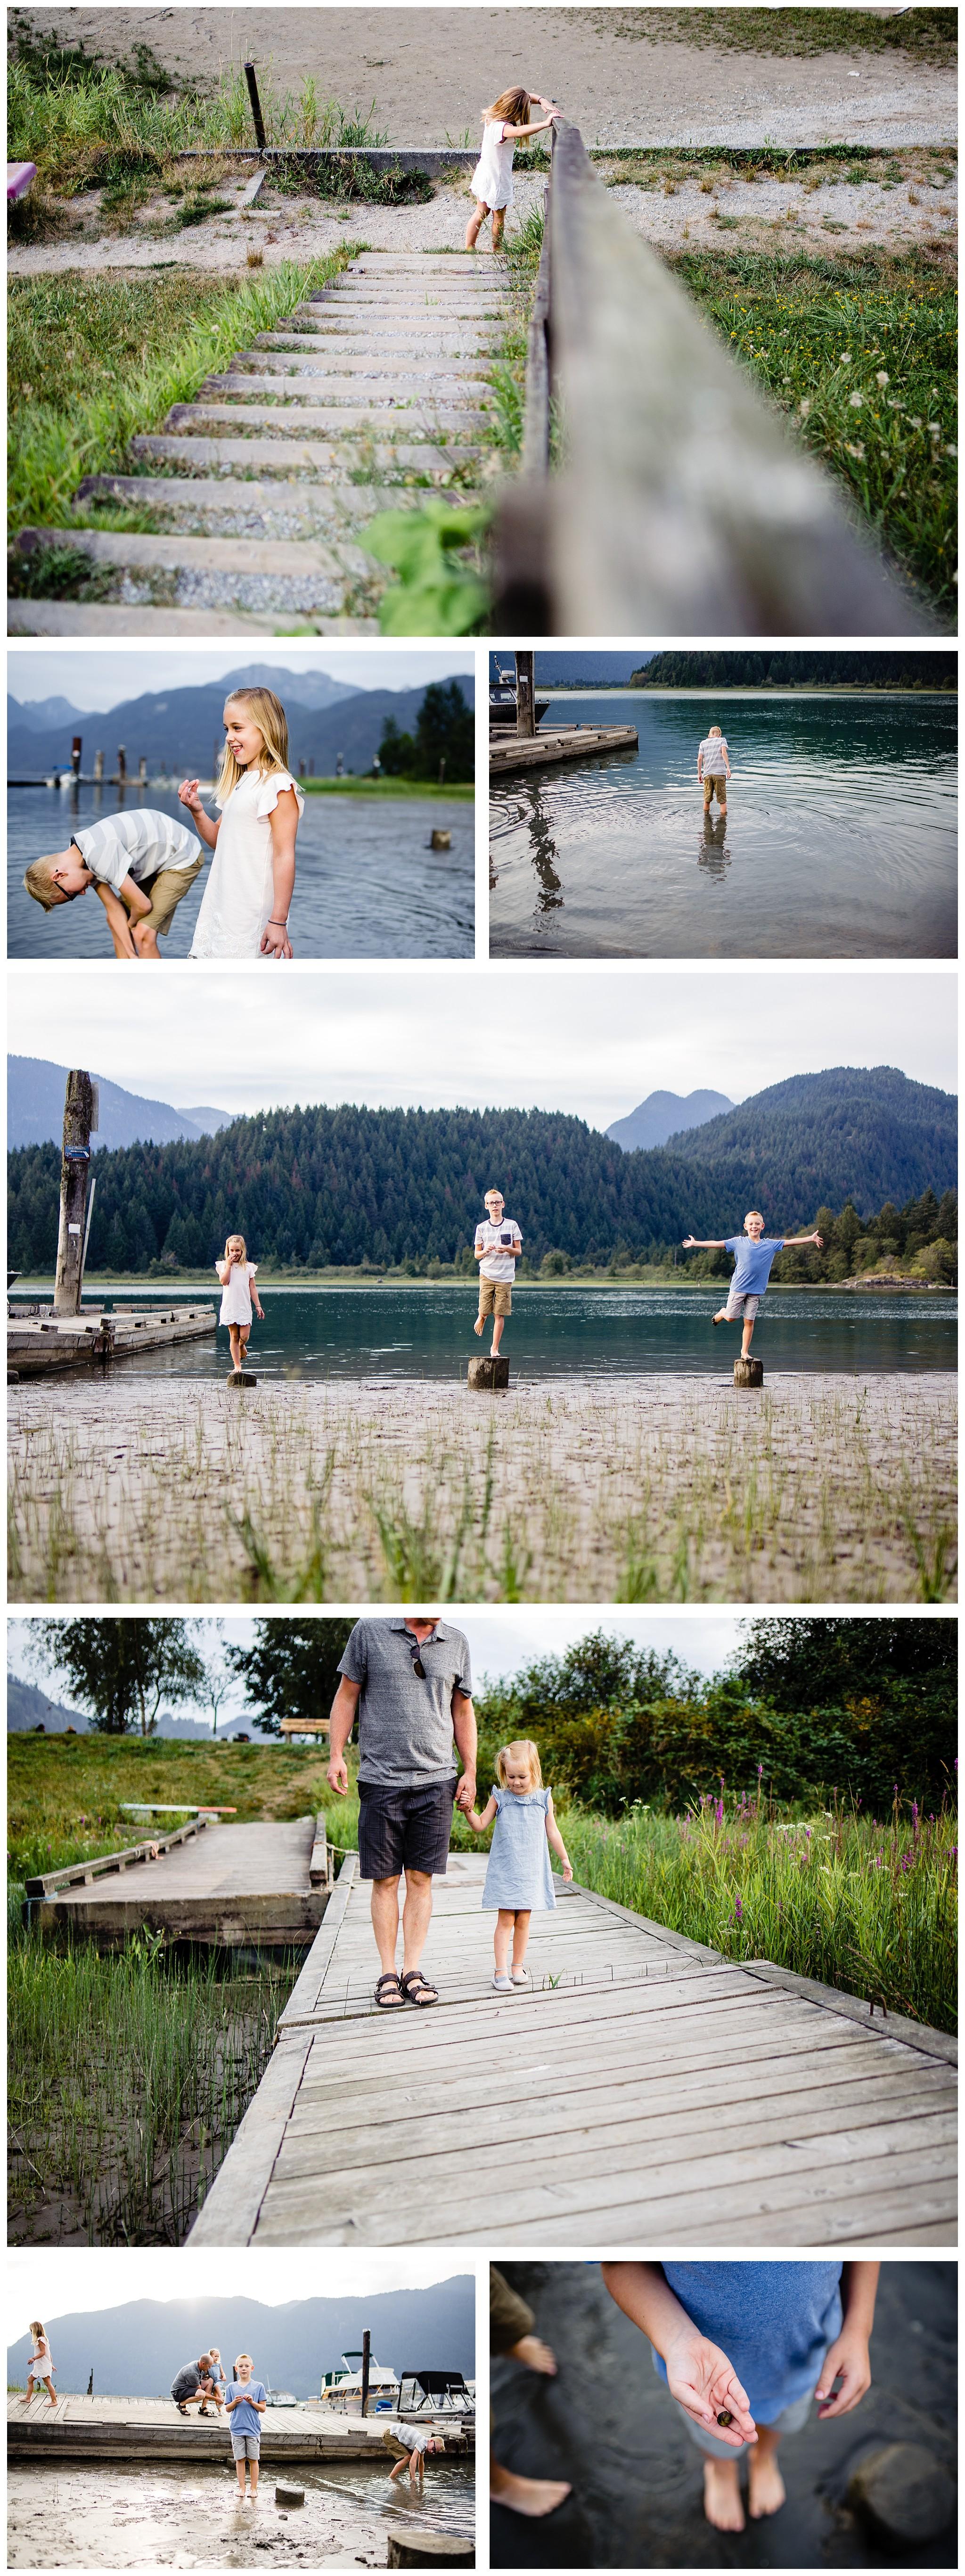 Pitt Lake Documentary Family Photographer Bubbles Mud Family of 6 Boys Girls Children_0091.jpg